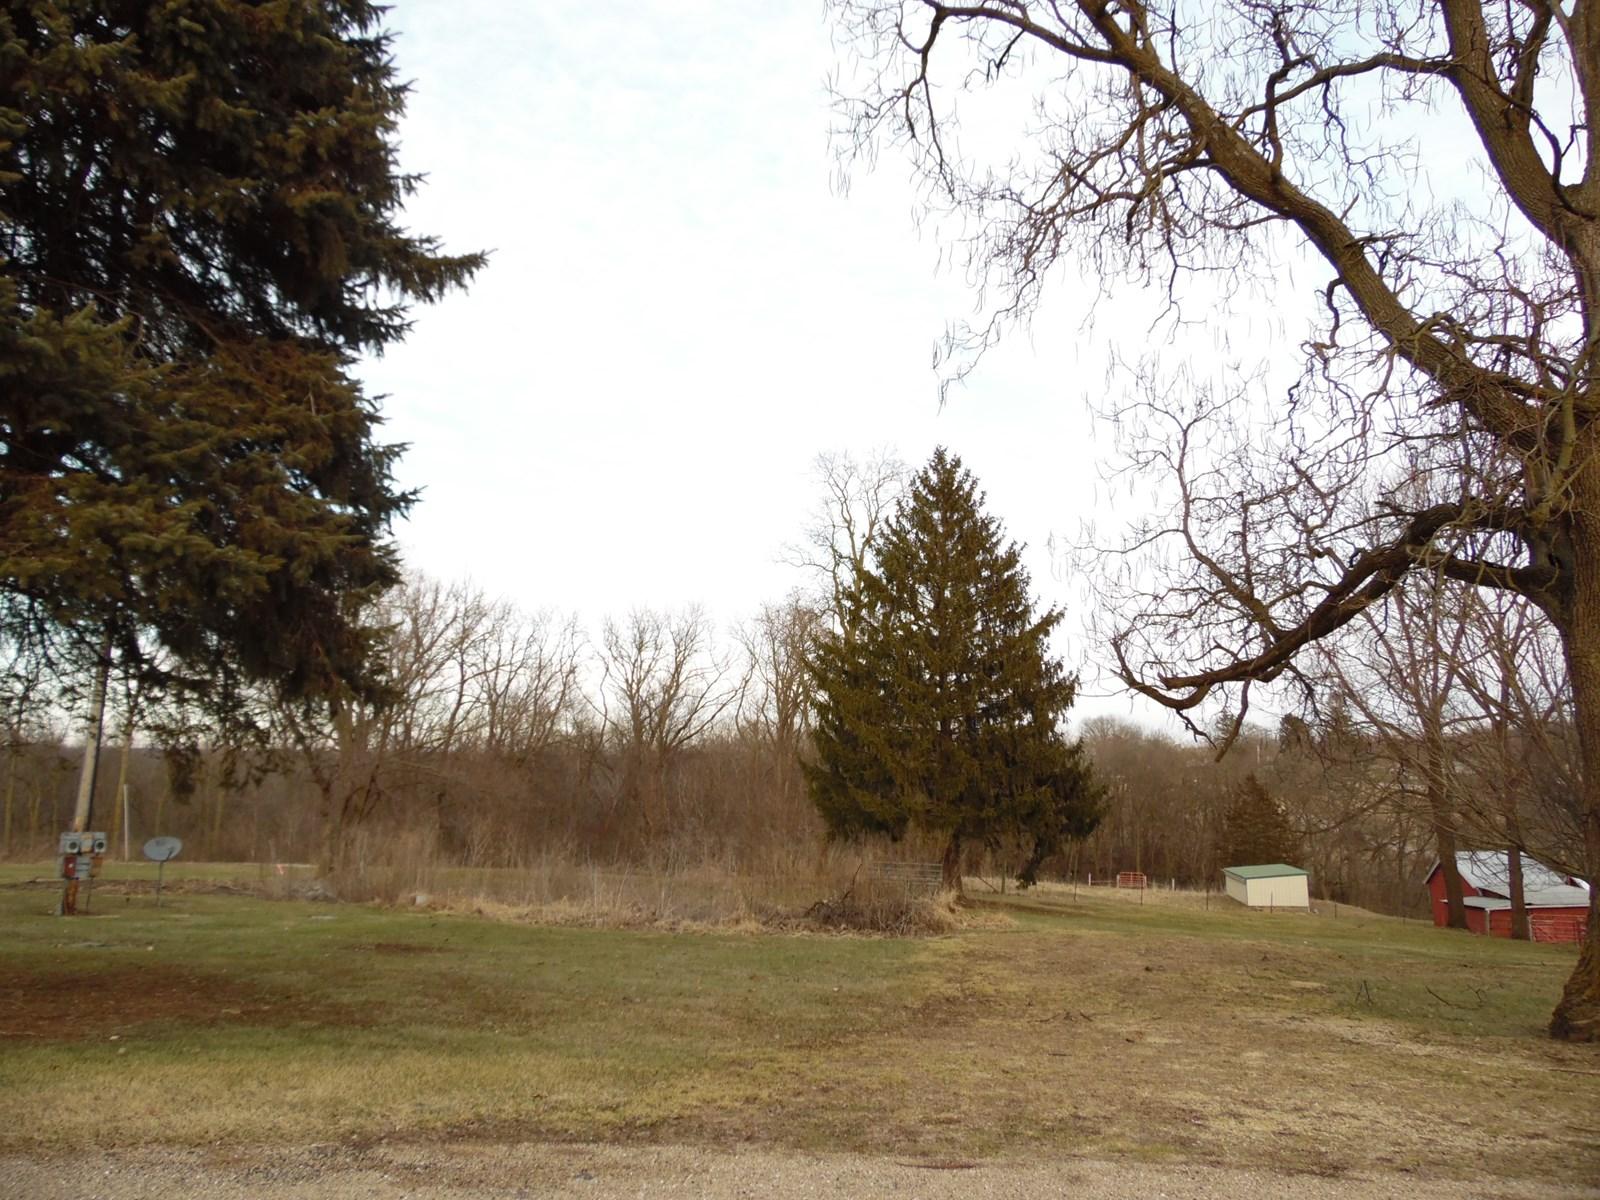 LAND FOR SALE ELIZABETH, IL